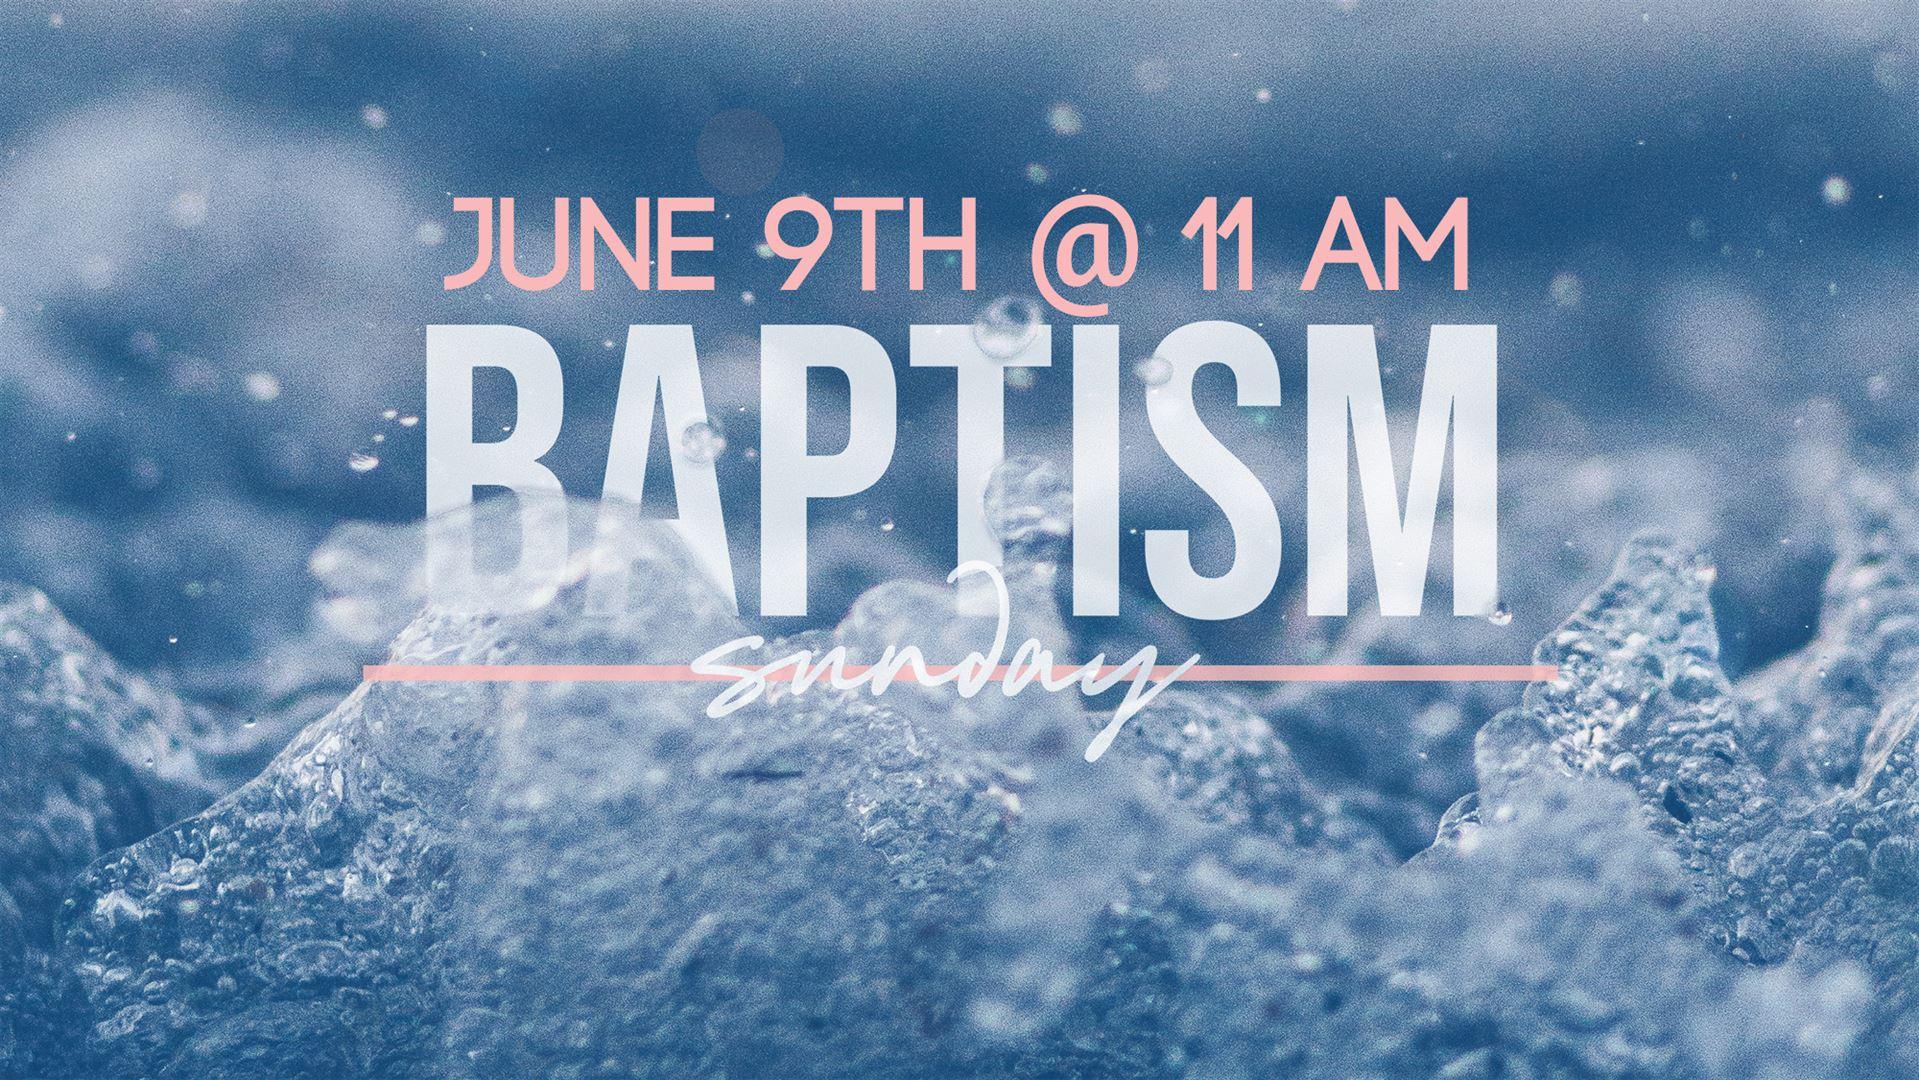 baptism_sunday-title-1-Wide 16x9_resized.jpg